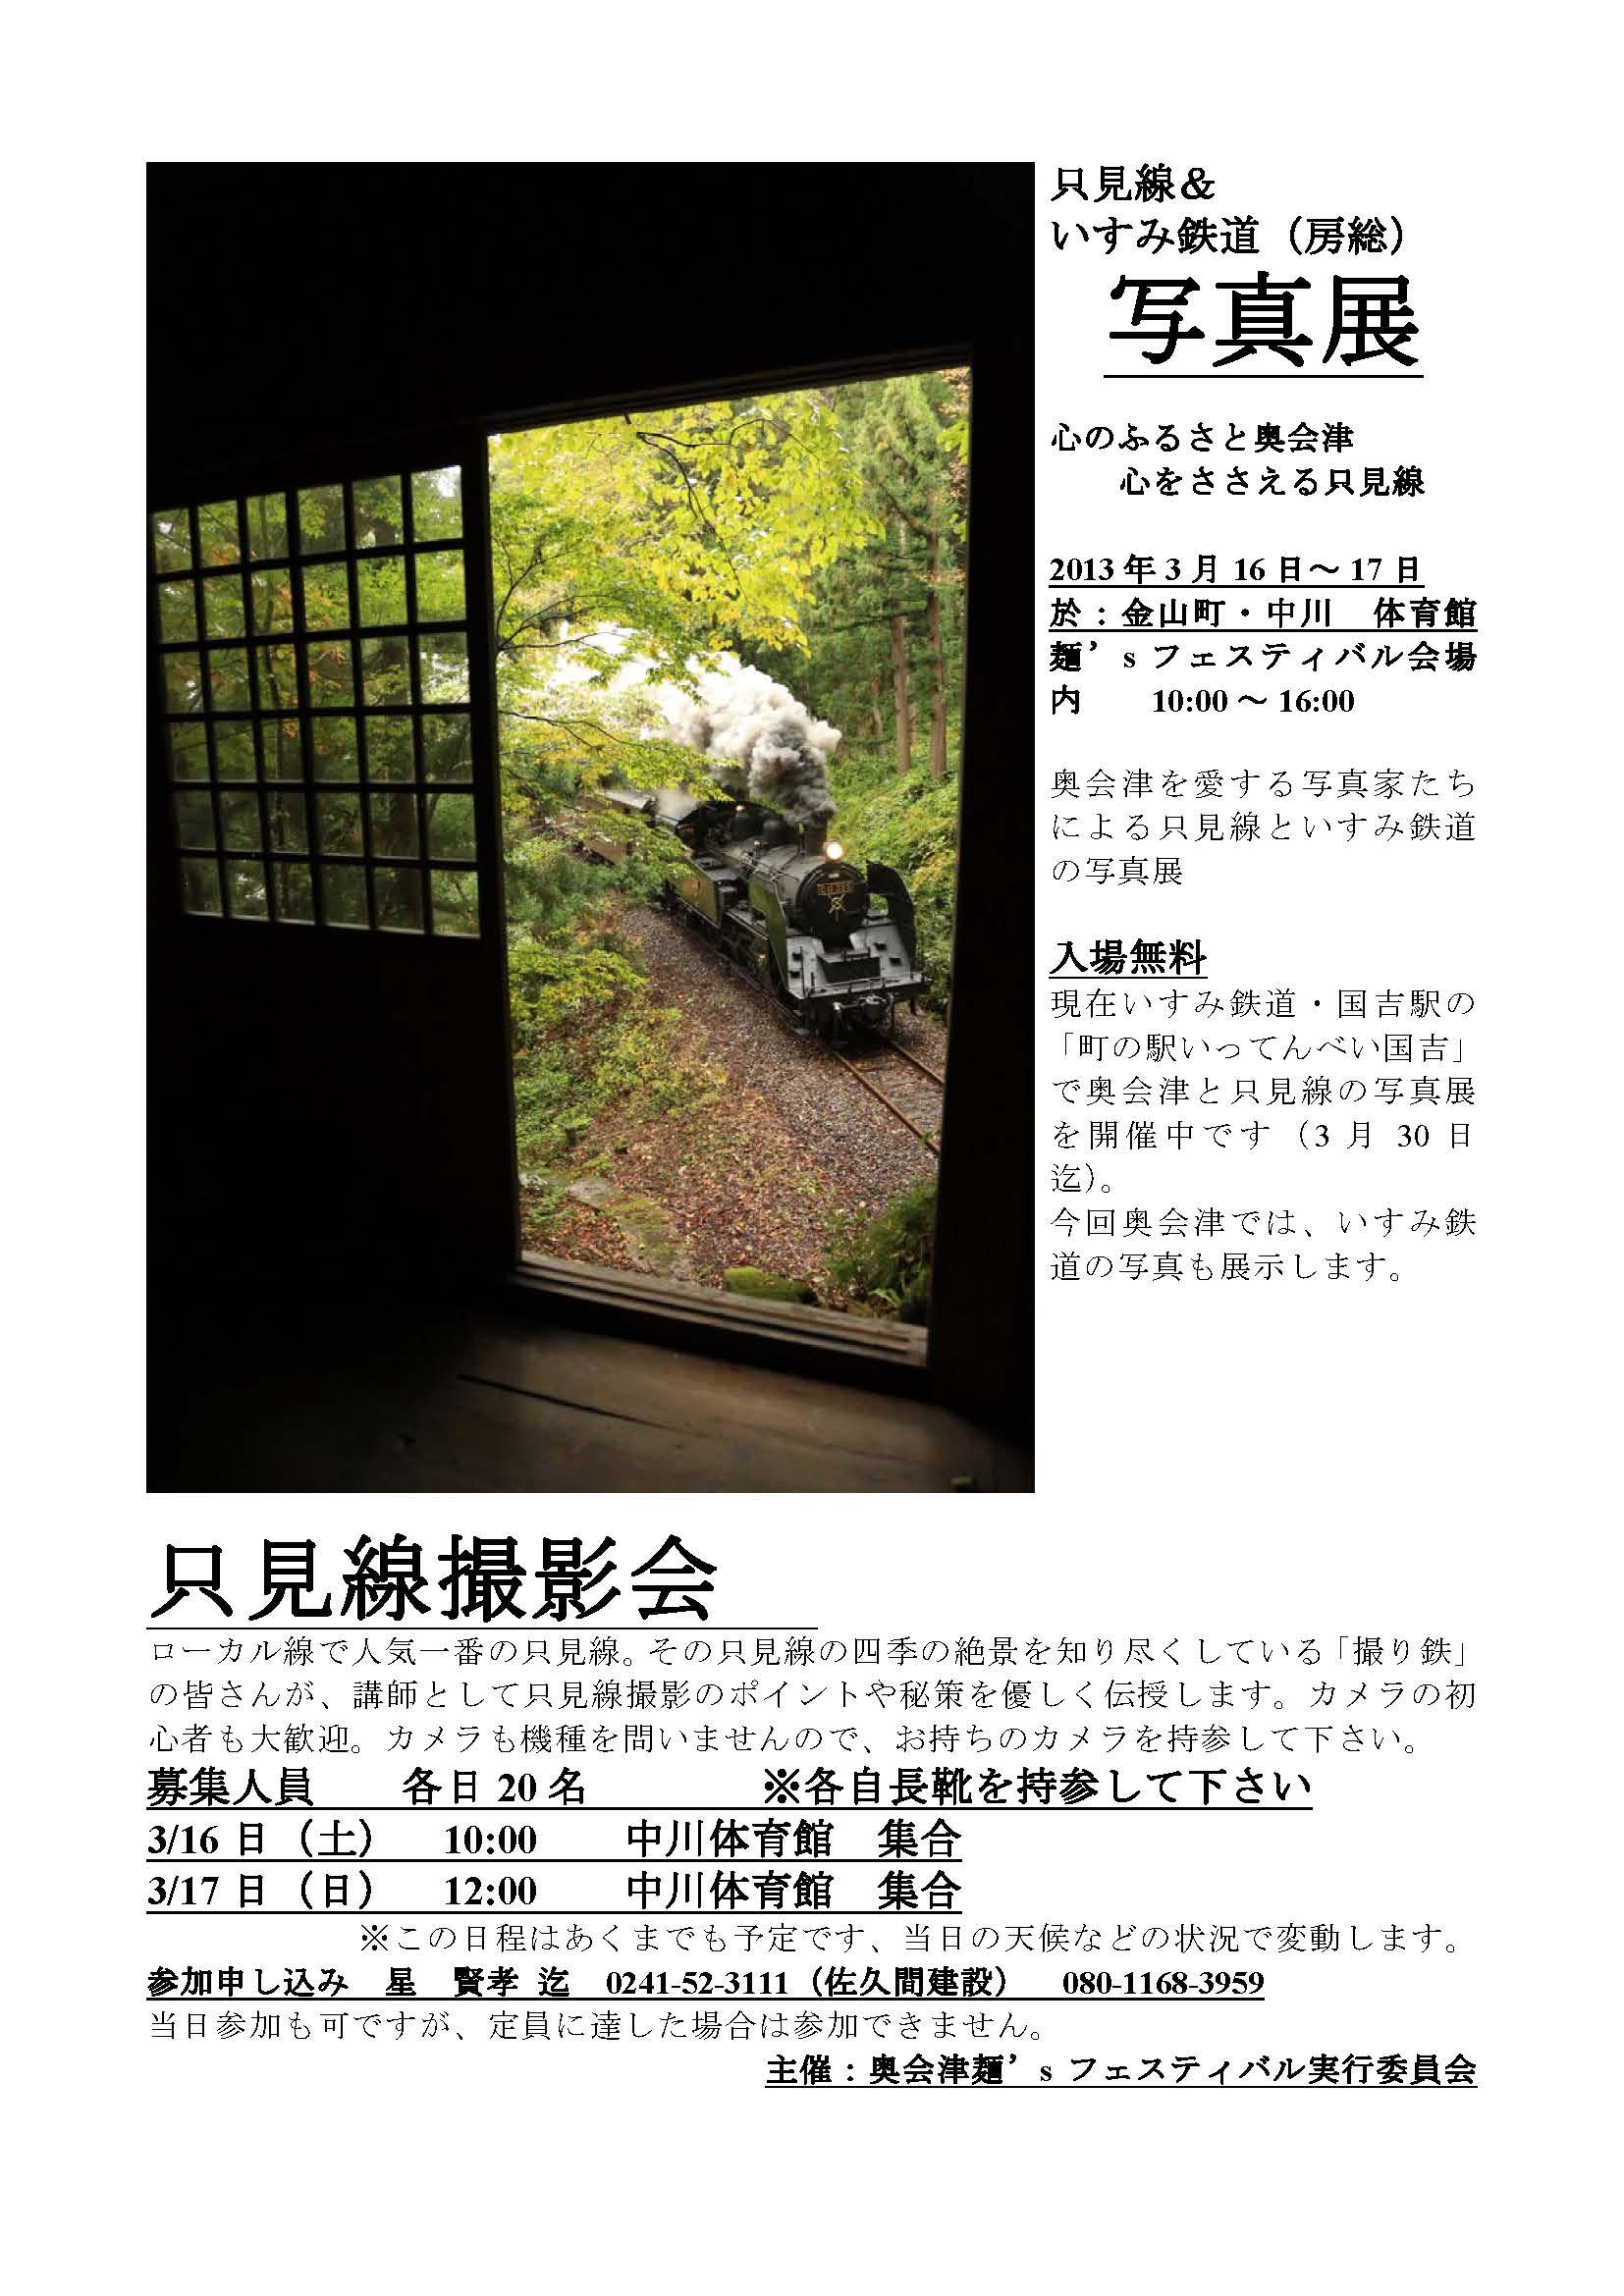 Taro-只見線写真展2013チラシ